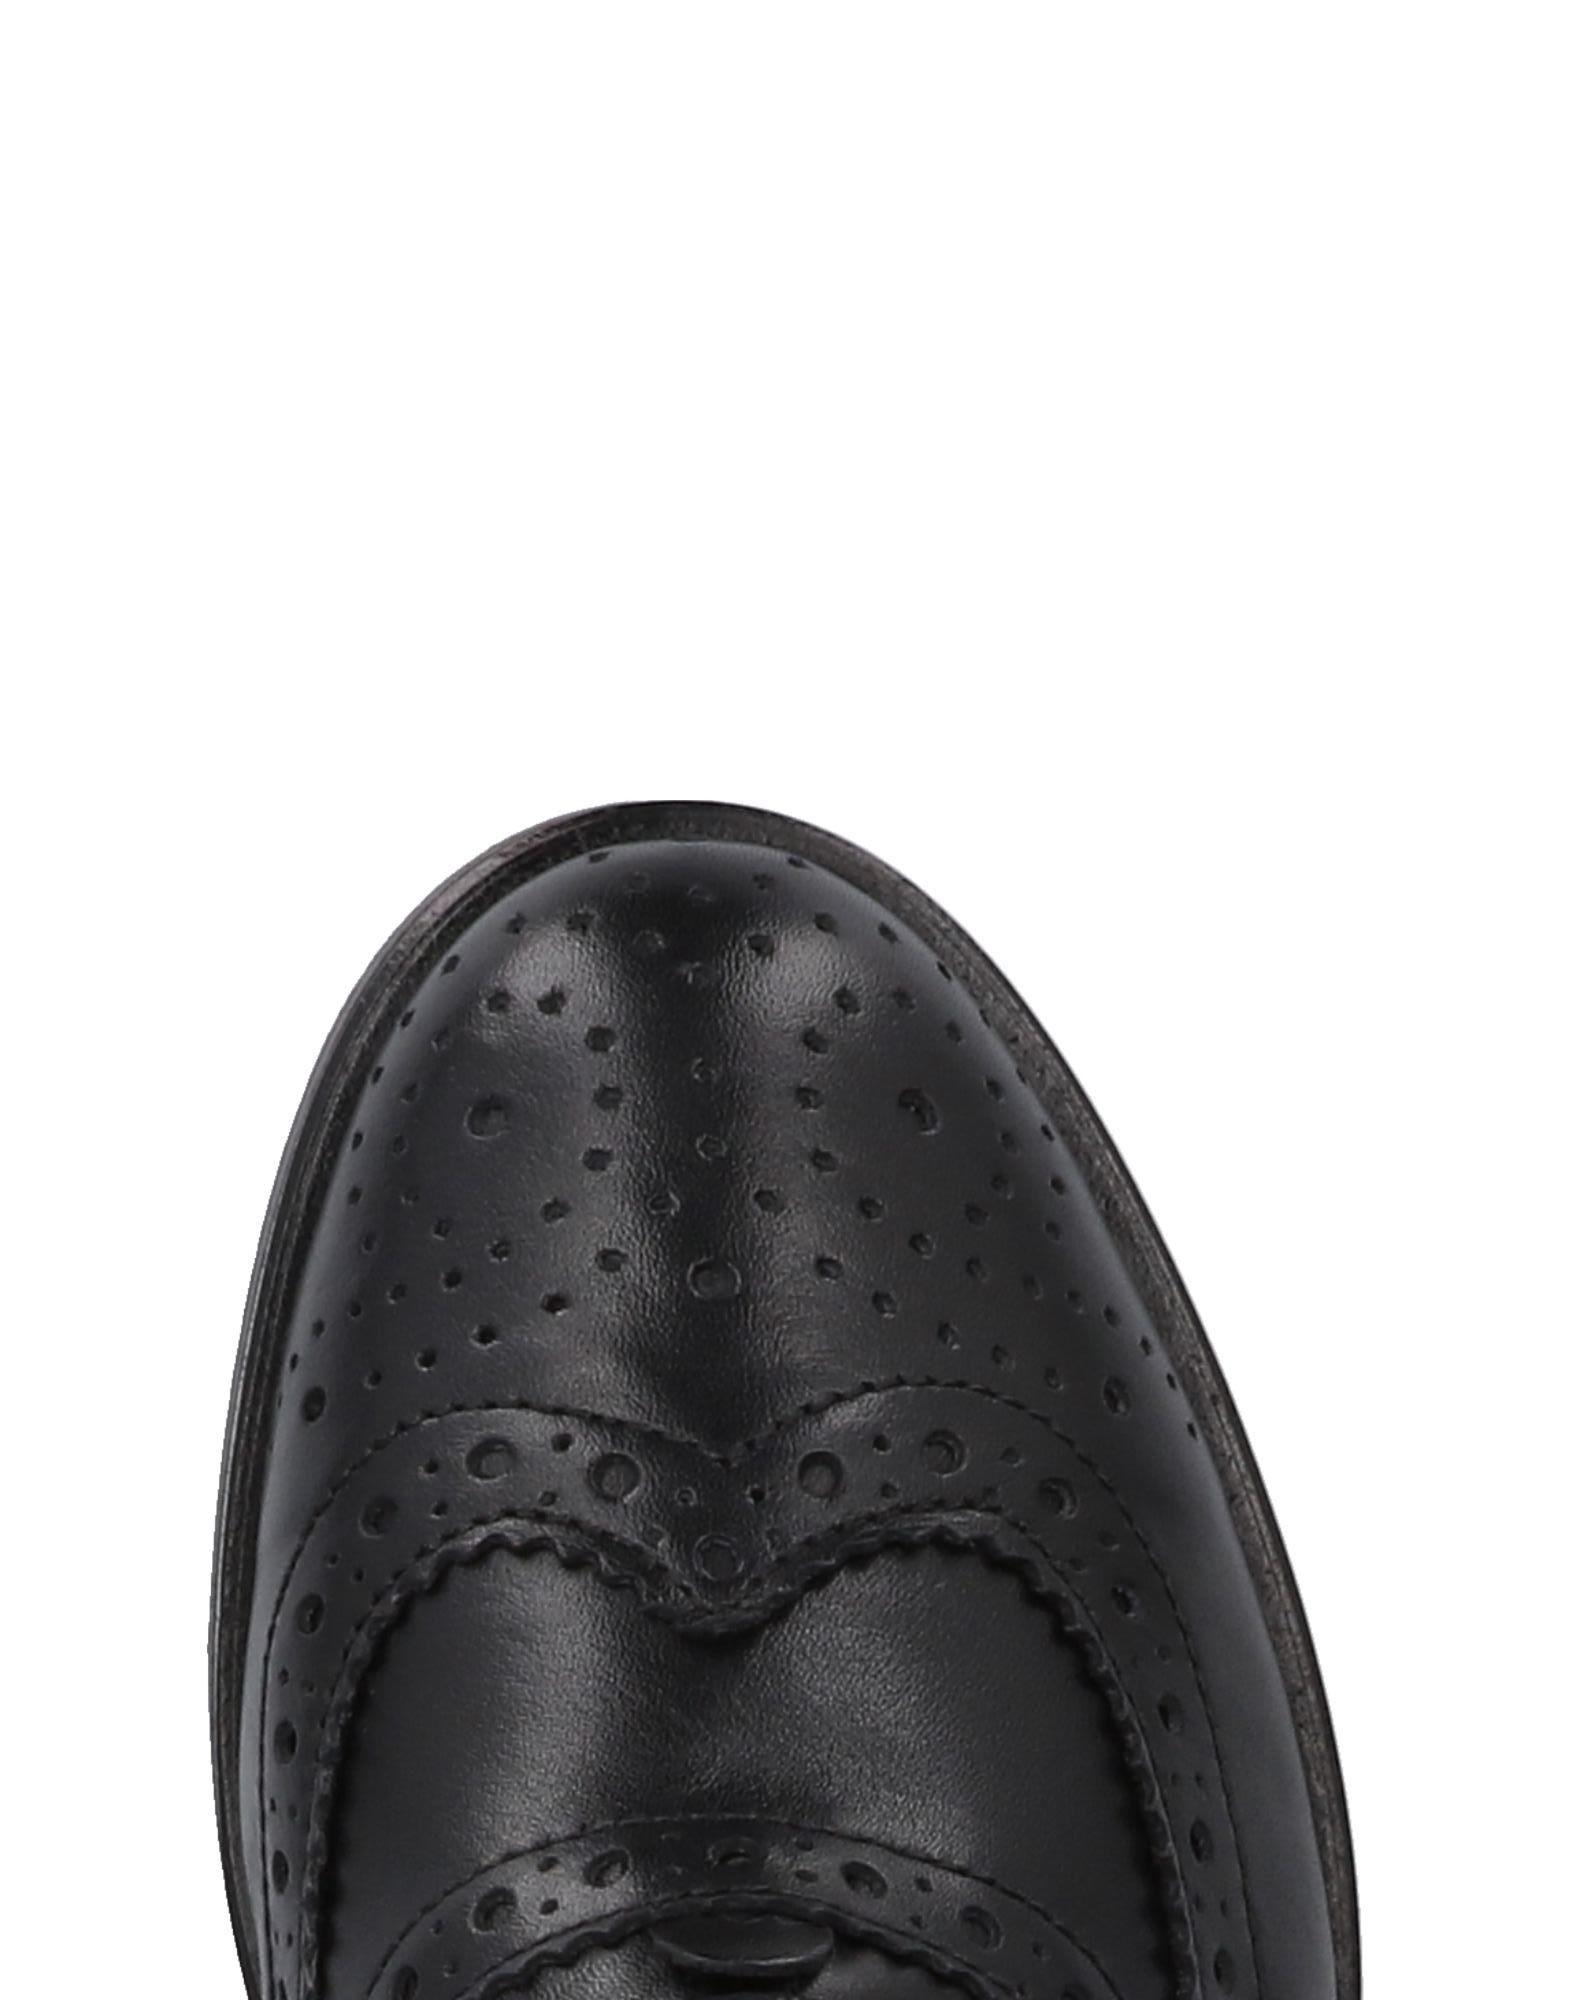 Mally Schnürschuhe Damen  beliebte 11474126WM Gute Qualität beliebte  Schuhe 7113f1